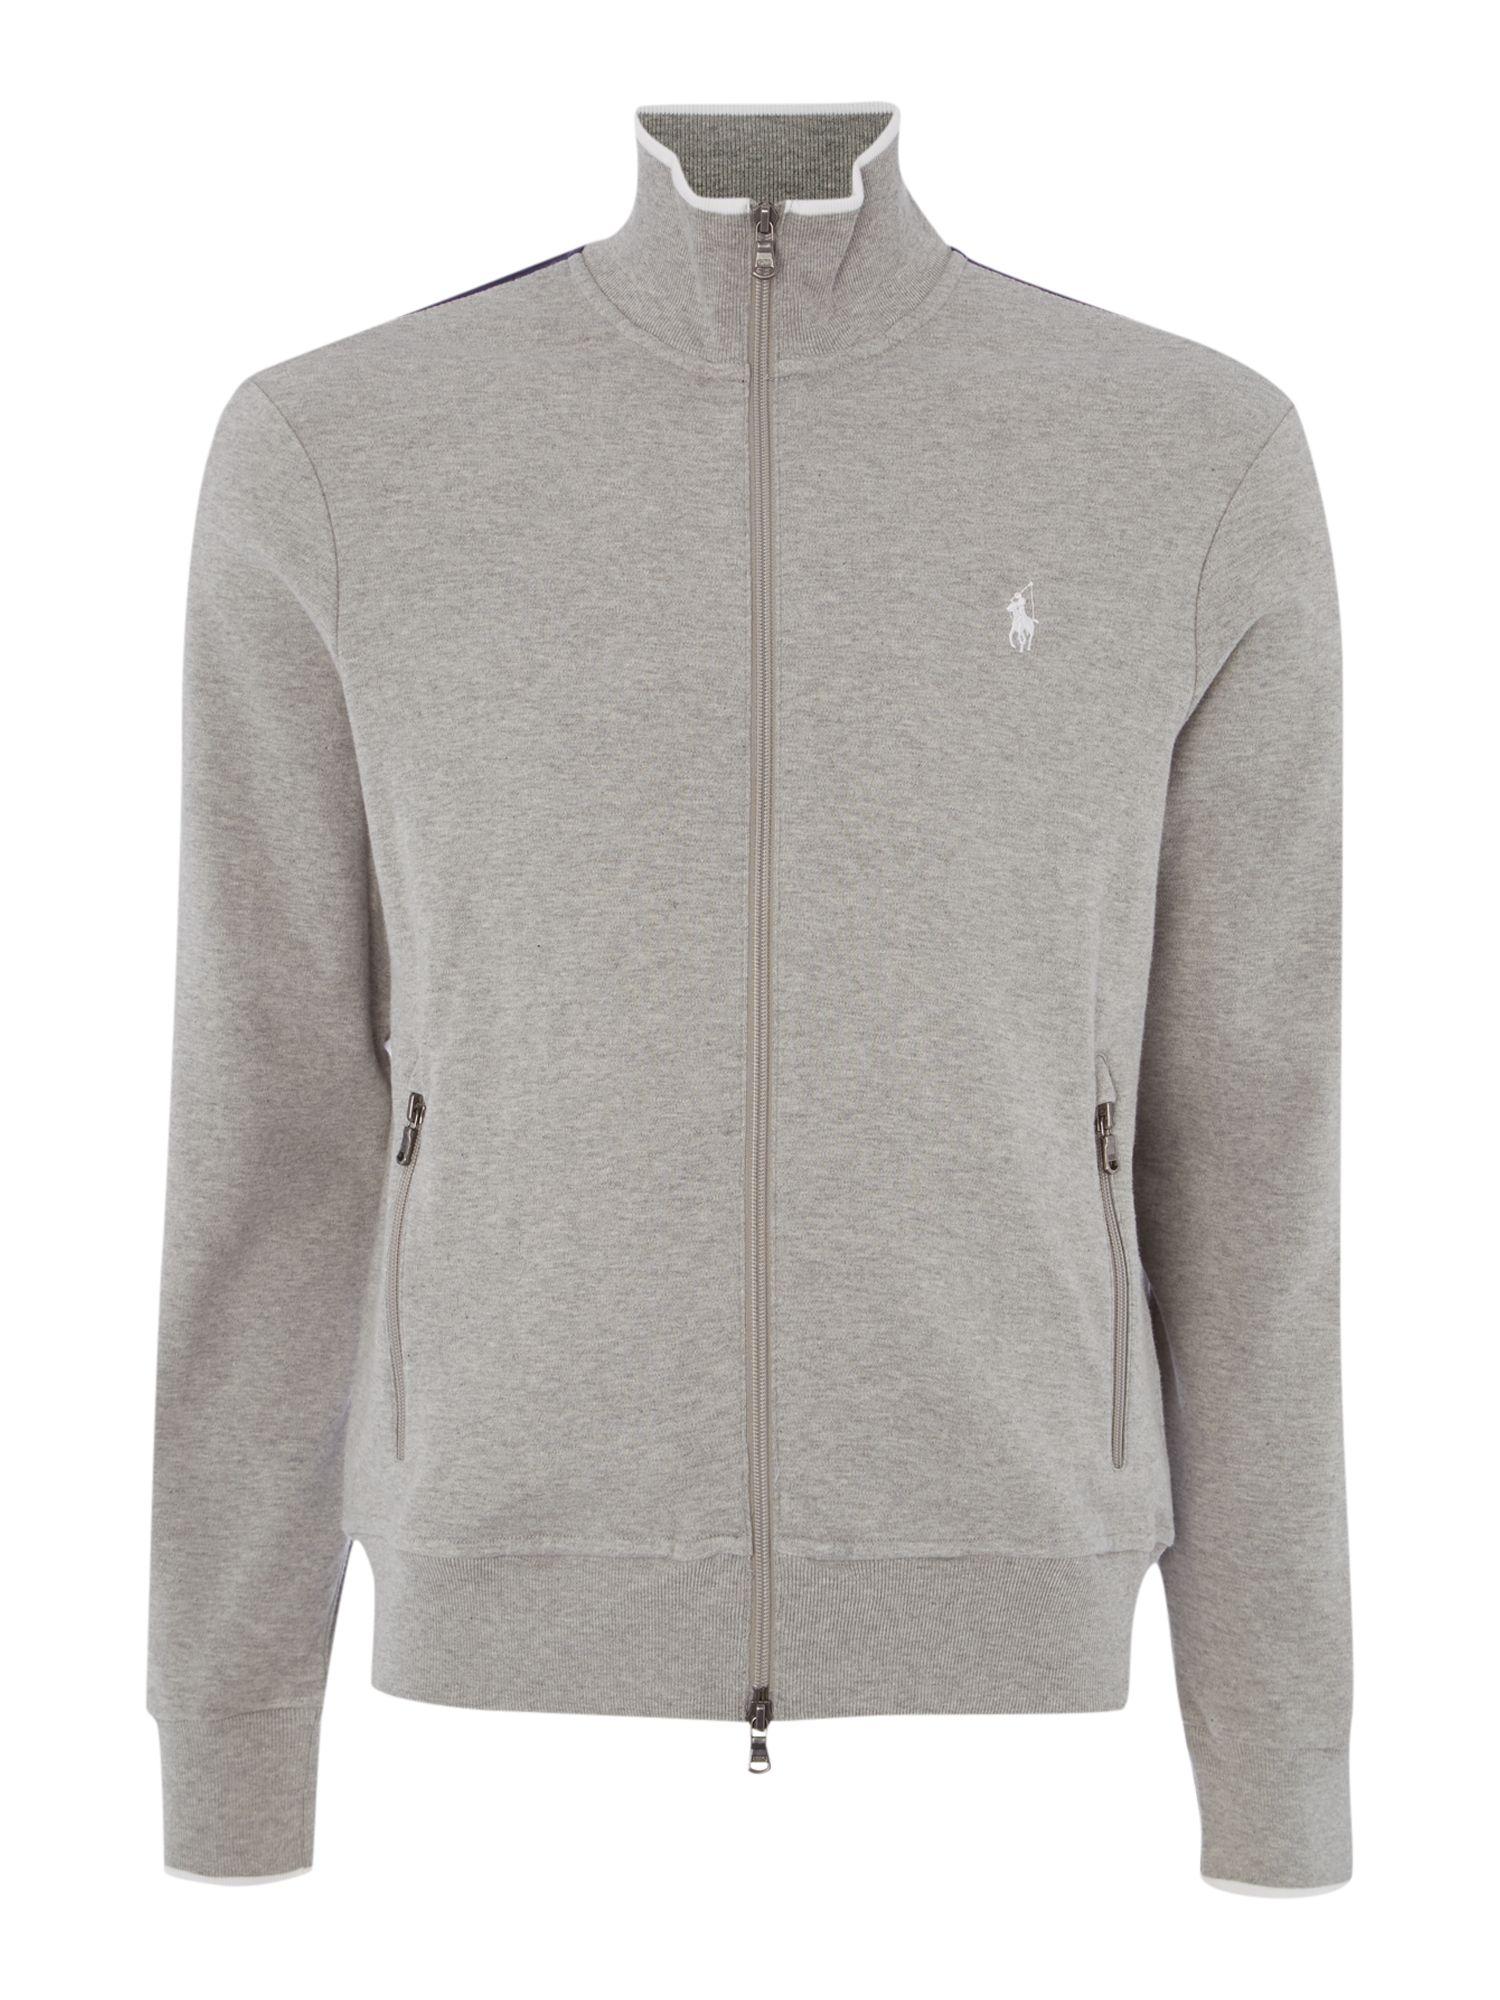 Polo Ralph Lauren Zip Thru Sweat Shirt In Gray For Men